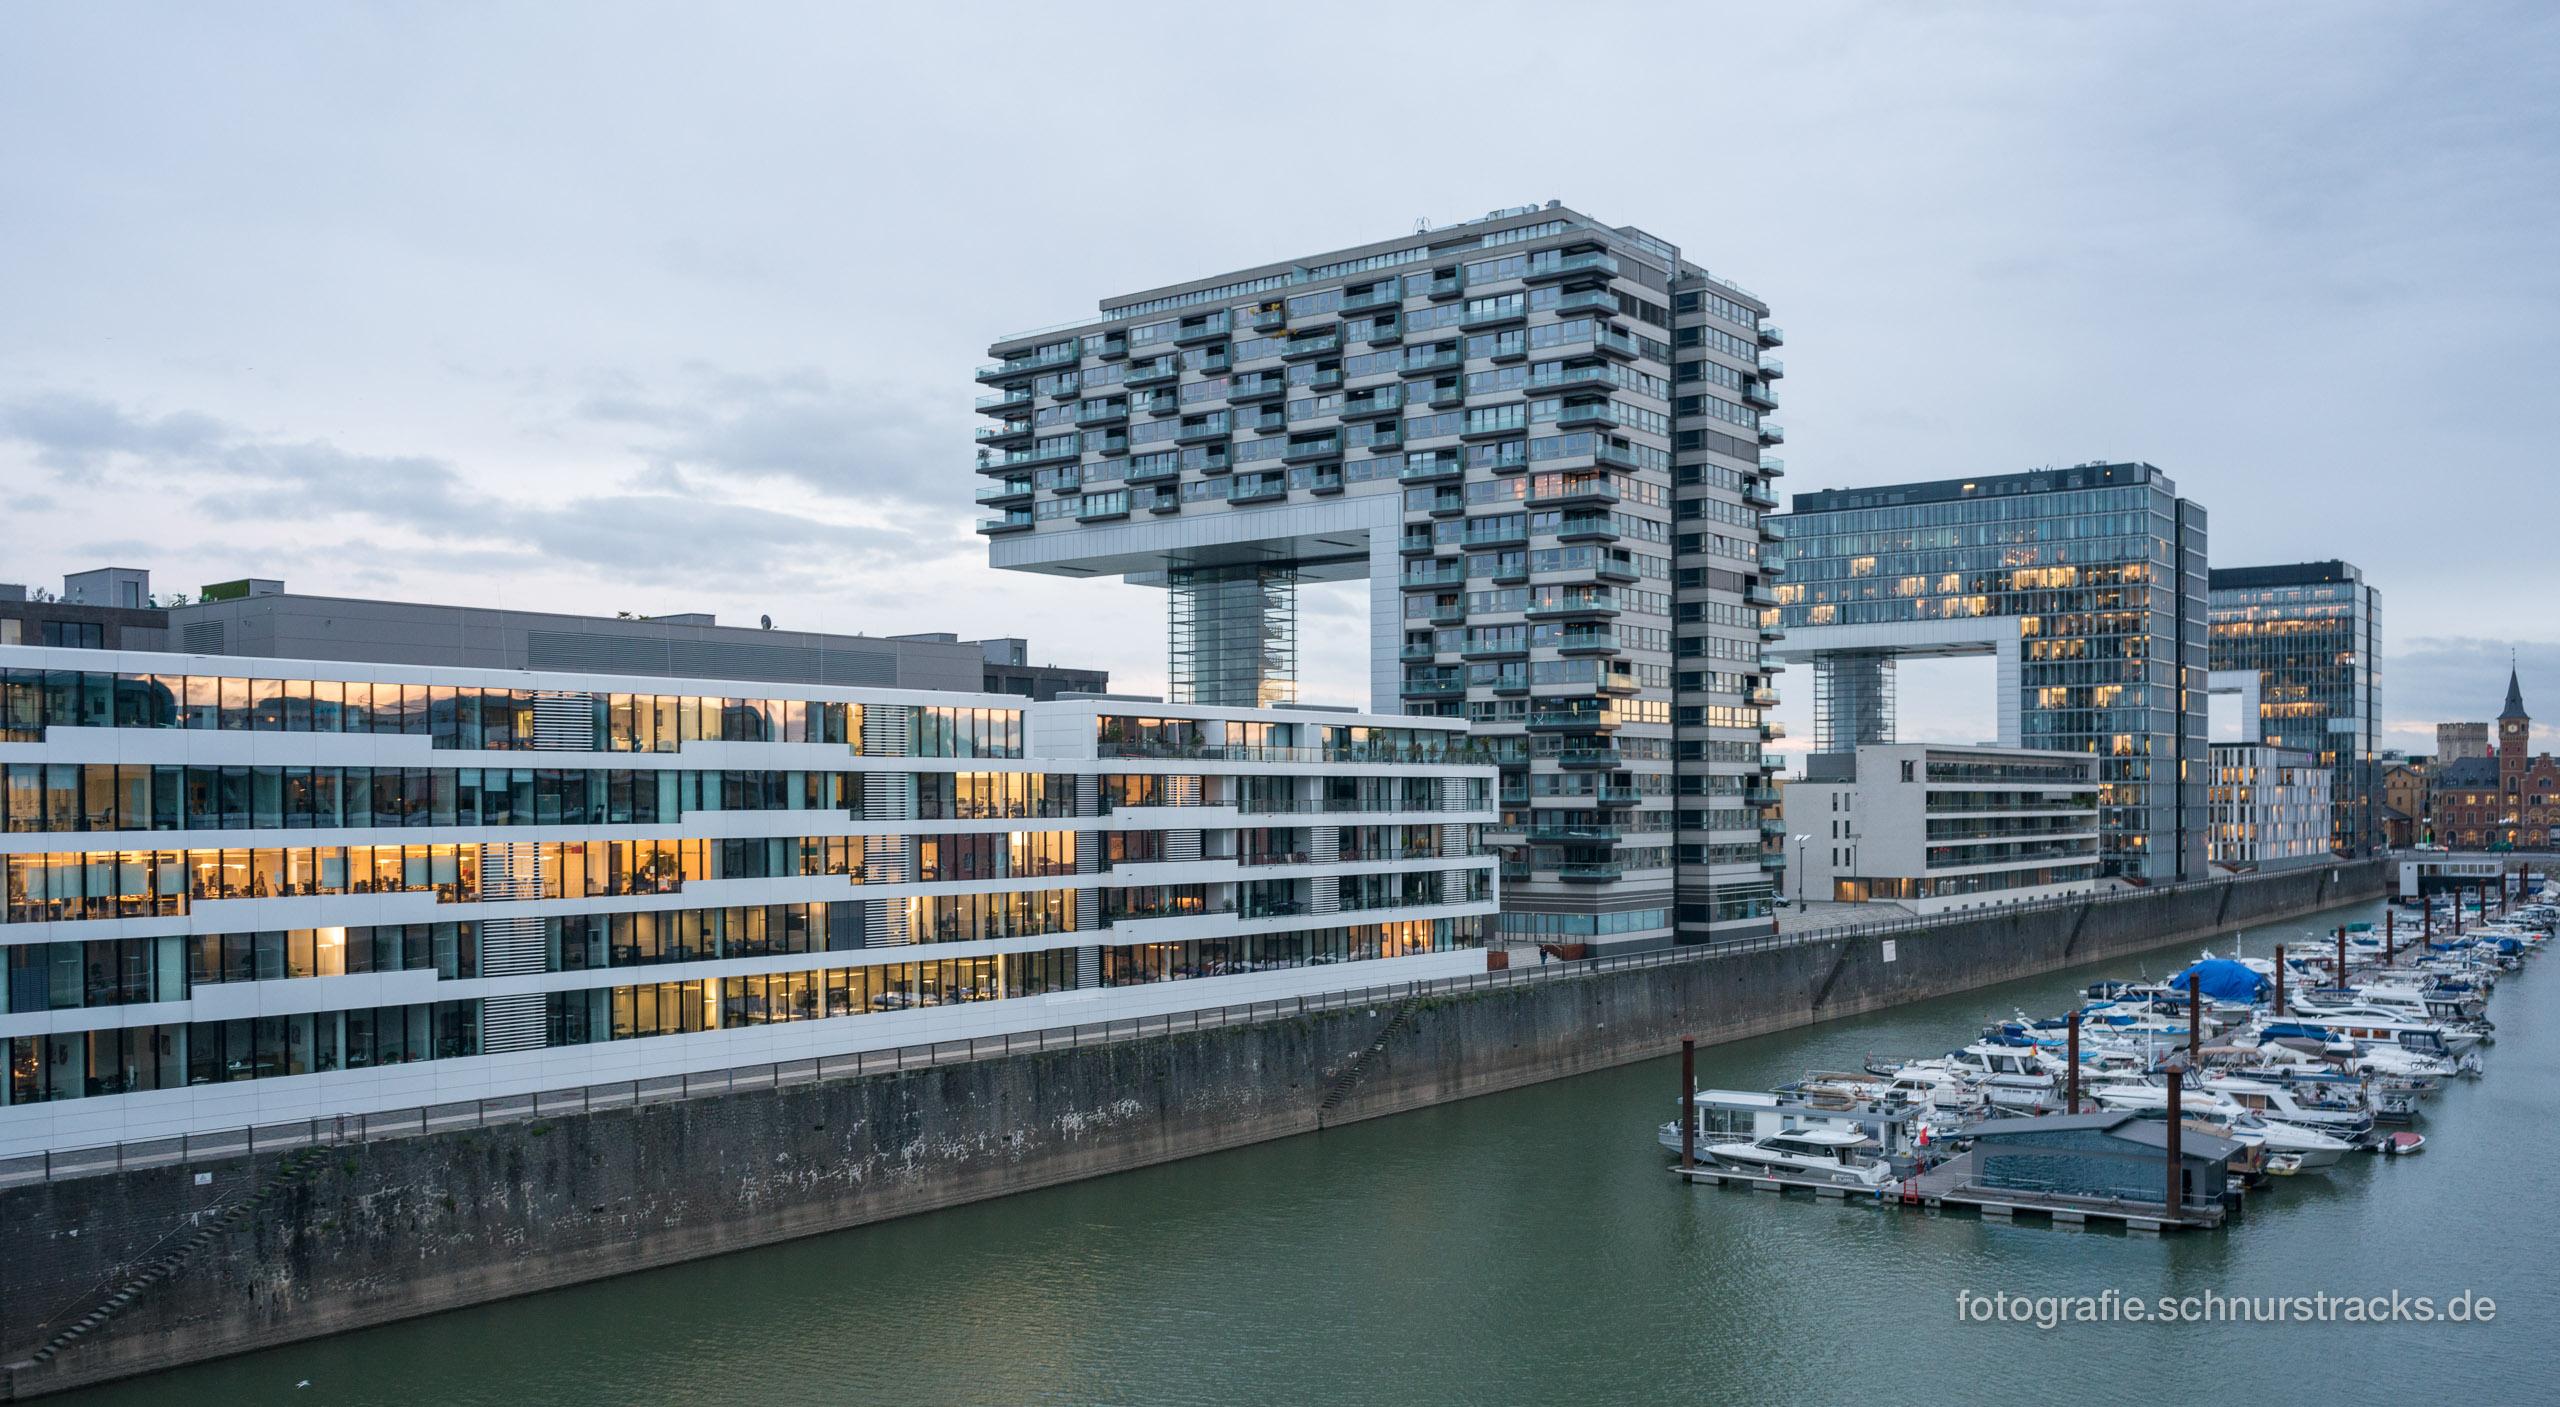 Kranhäuser und Rheinauhafen